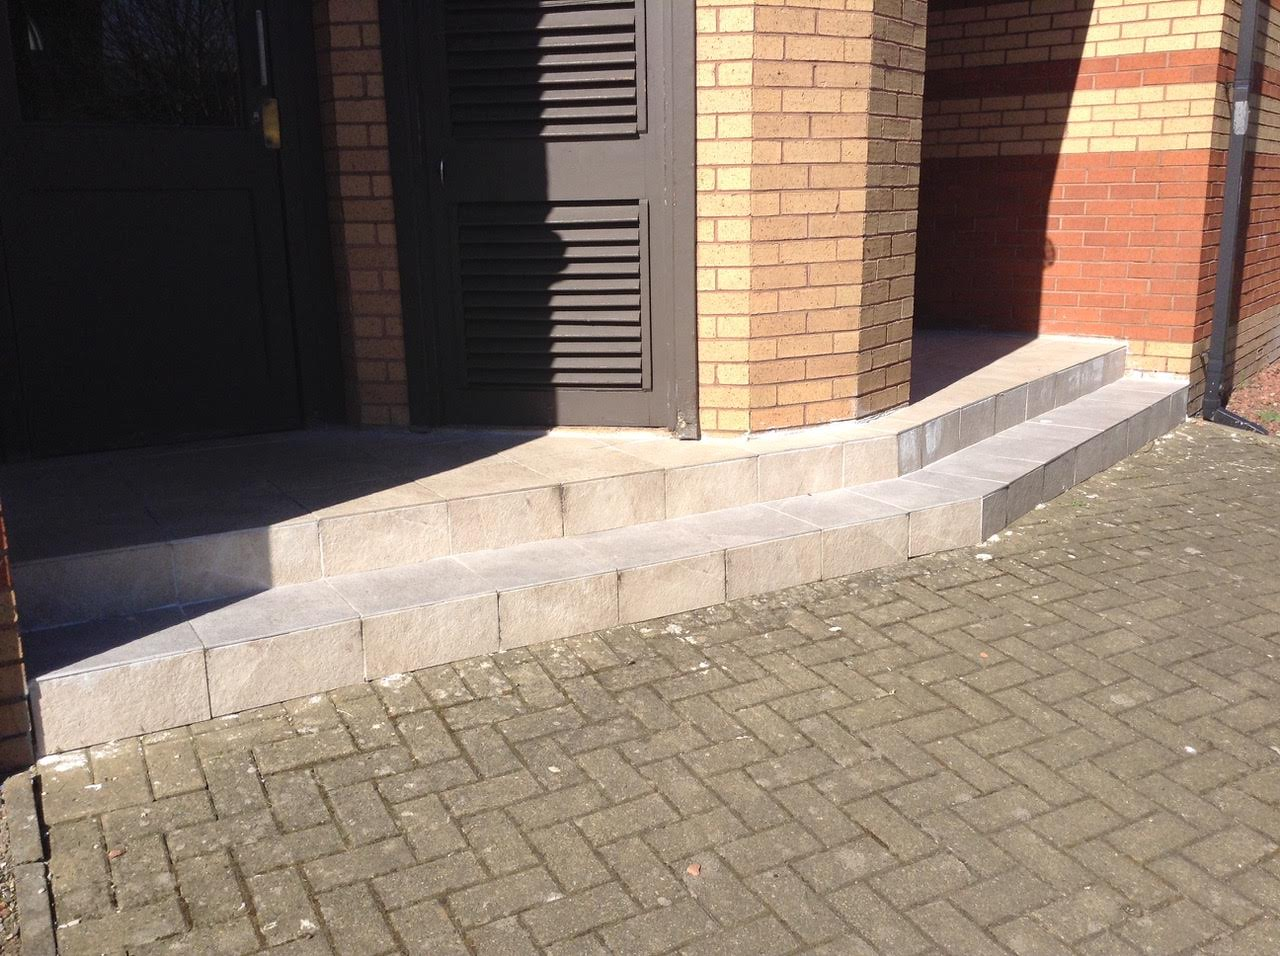 Tile_repairs_springburn2.jpg